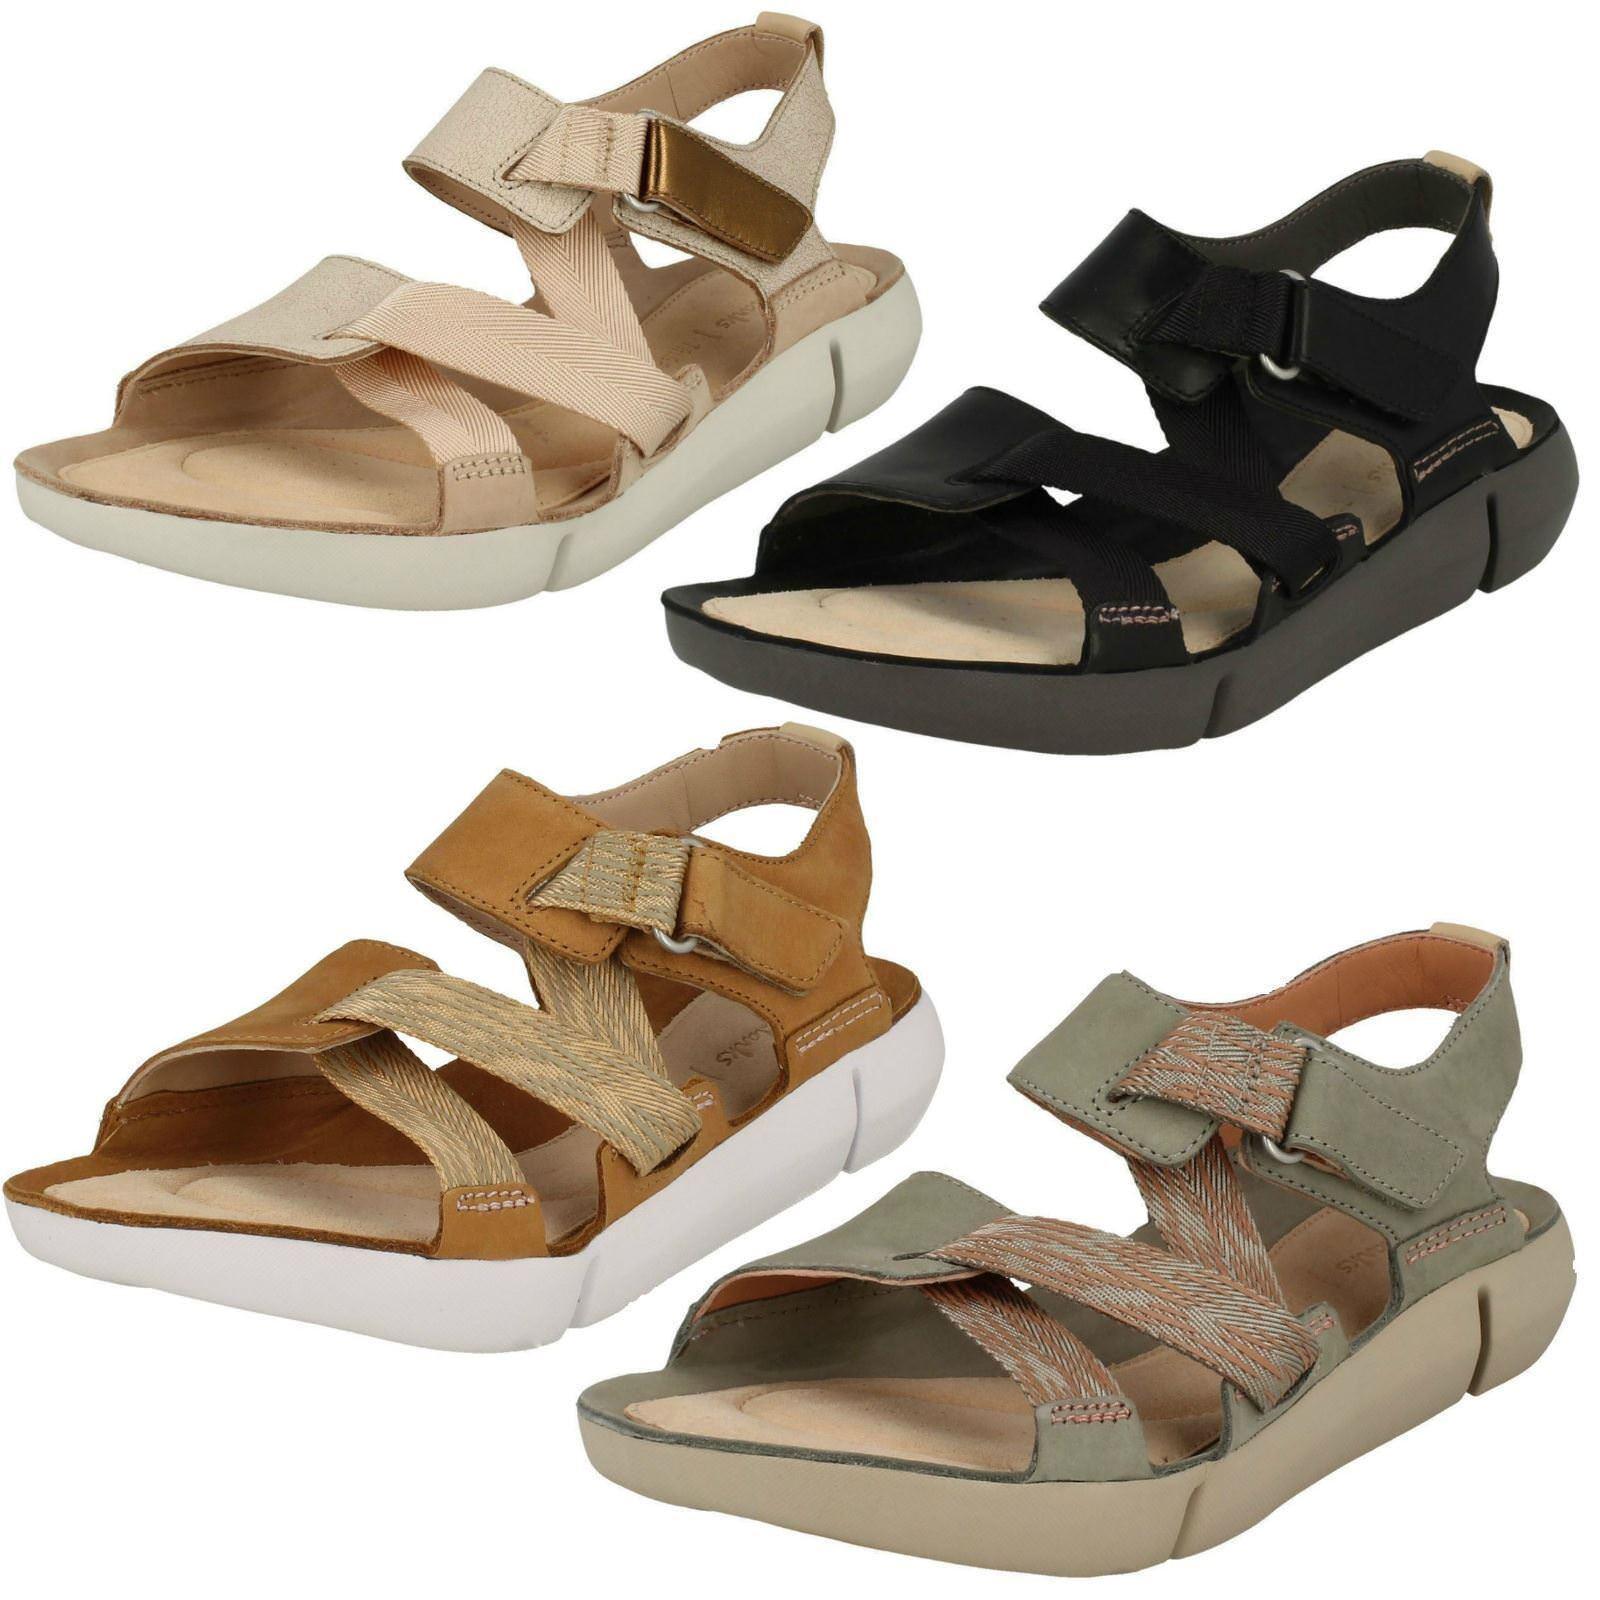 Damen Clarks Leder Niedriger Absatz Größe Freizeit Sport Sandalen Schuhe Größe Absatz Drei b90dcc